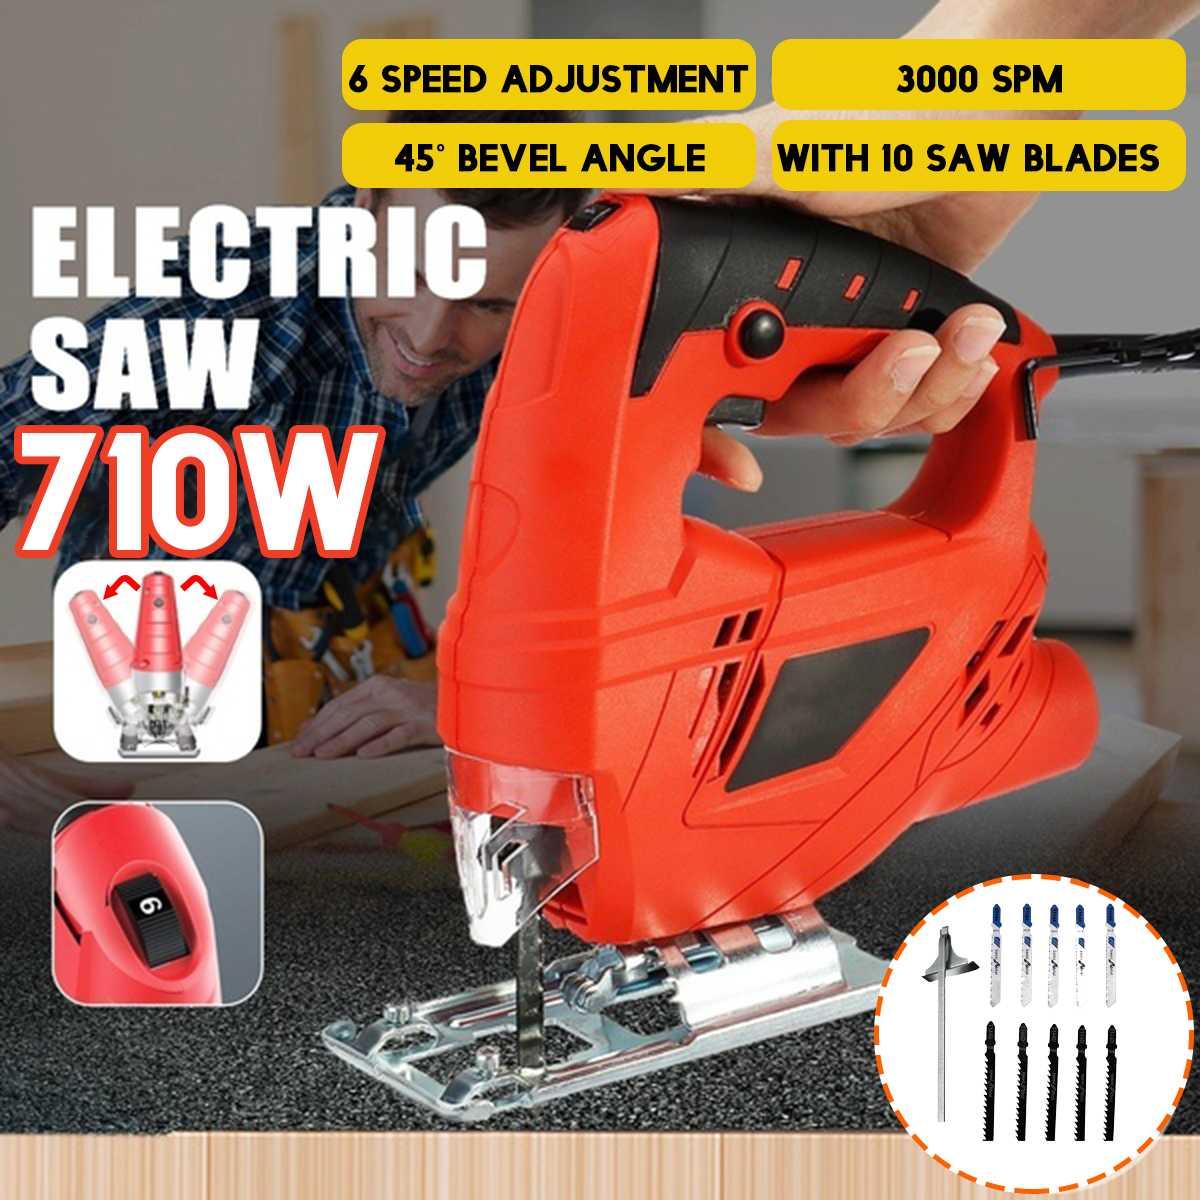 710W Jig testere 6 değişken hız elektrikli testere 10 adet bıçakları çok fonksiyonlu Jigsaw elektrİk testere ağaç İşleme güç aracı